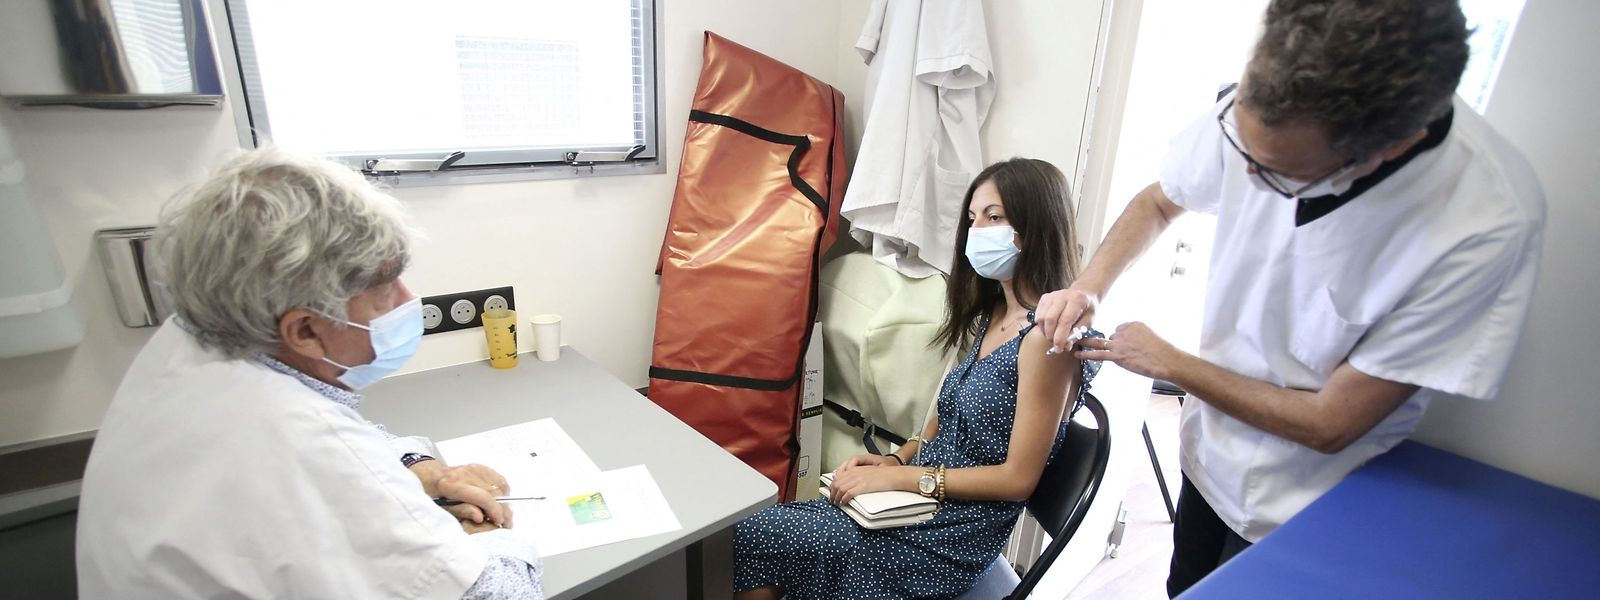 Pour l'instant, rien ne dit que les équipes mobiles déployées au cas par cas pour des vaccinations vont être mises à l'arrêt.